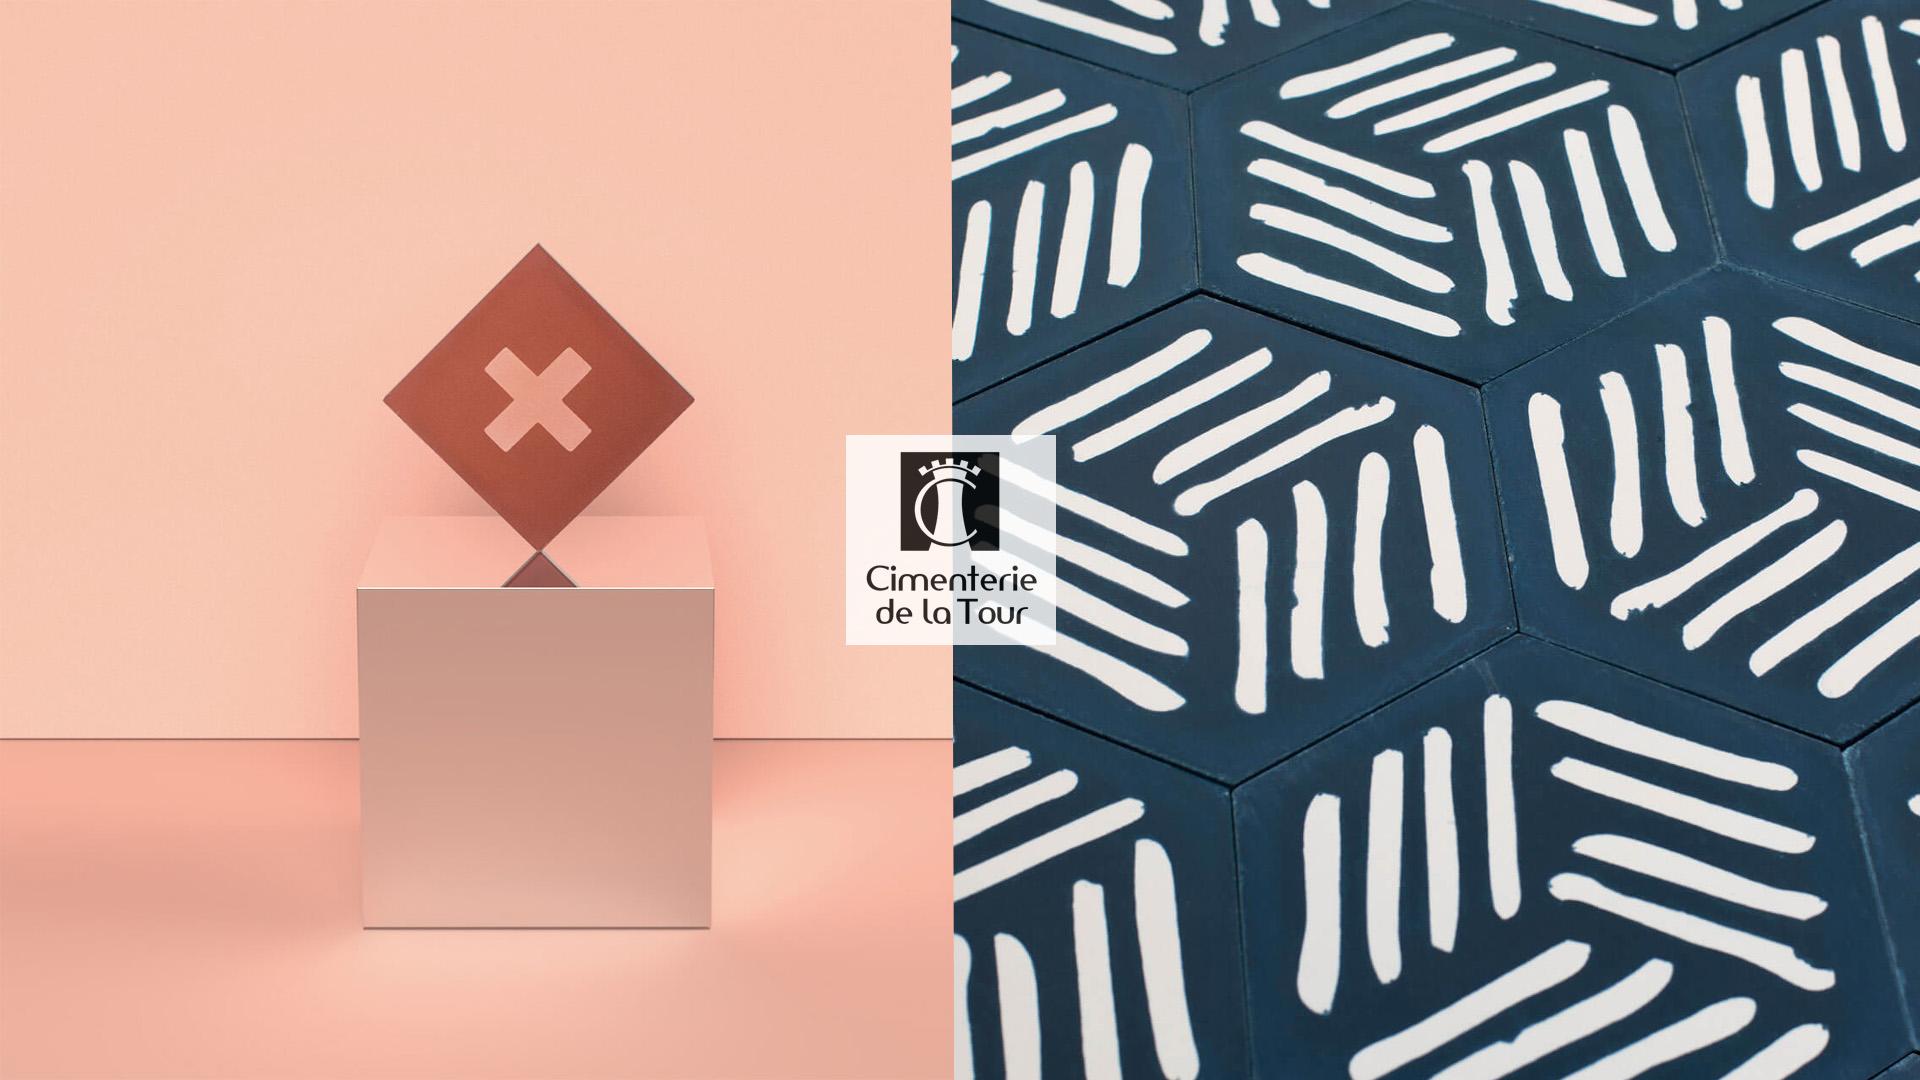 home cimenterie de la tour. Black Bedroom Furniture Sets. Home Design Ideas